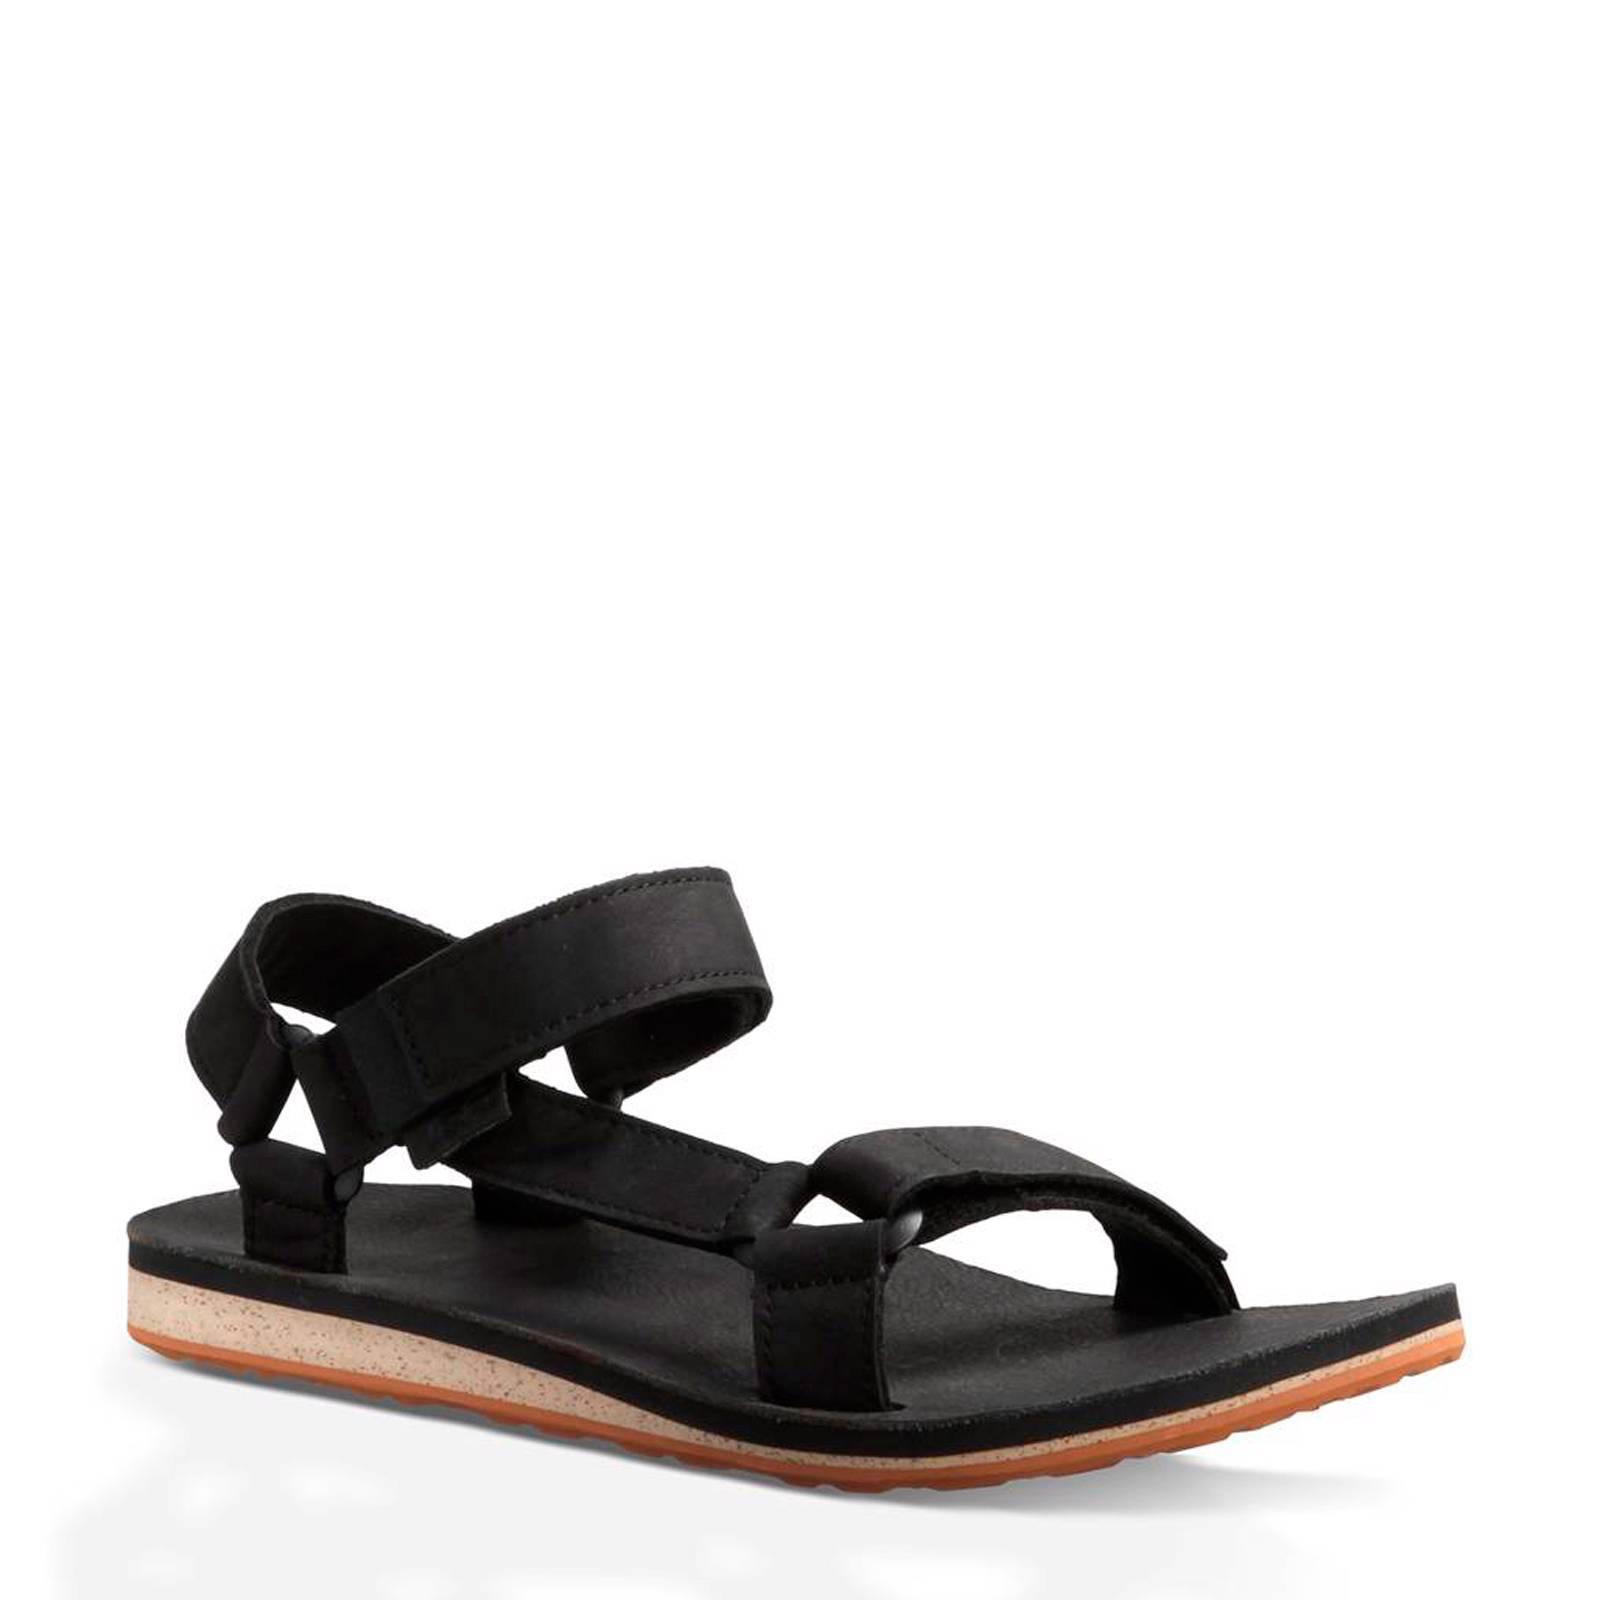 Teva Original leren outdoor sandalen zwart | wehkamp